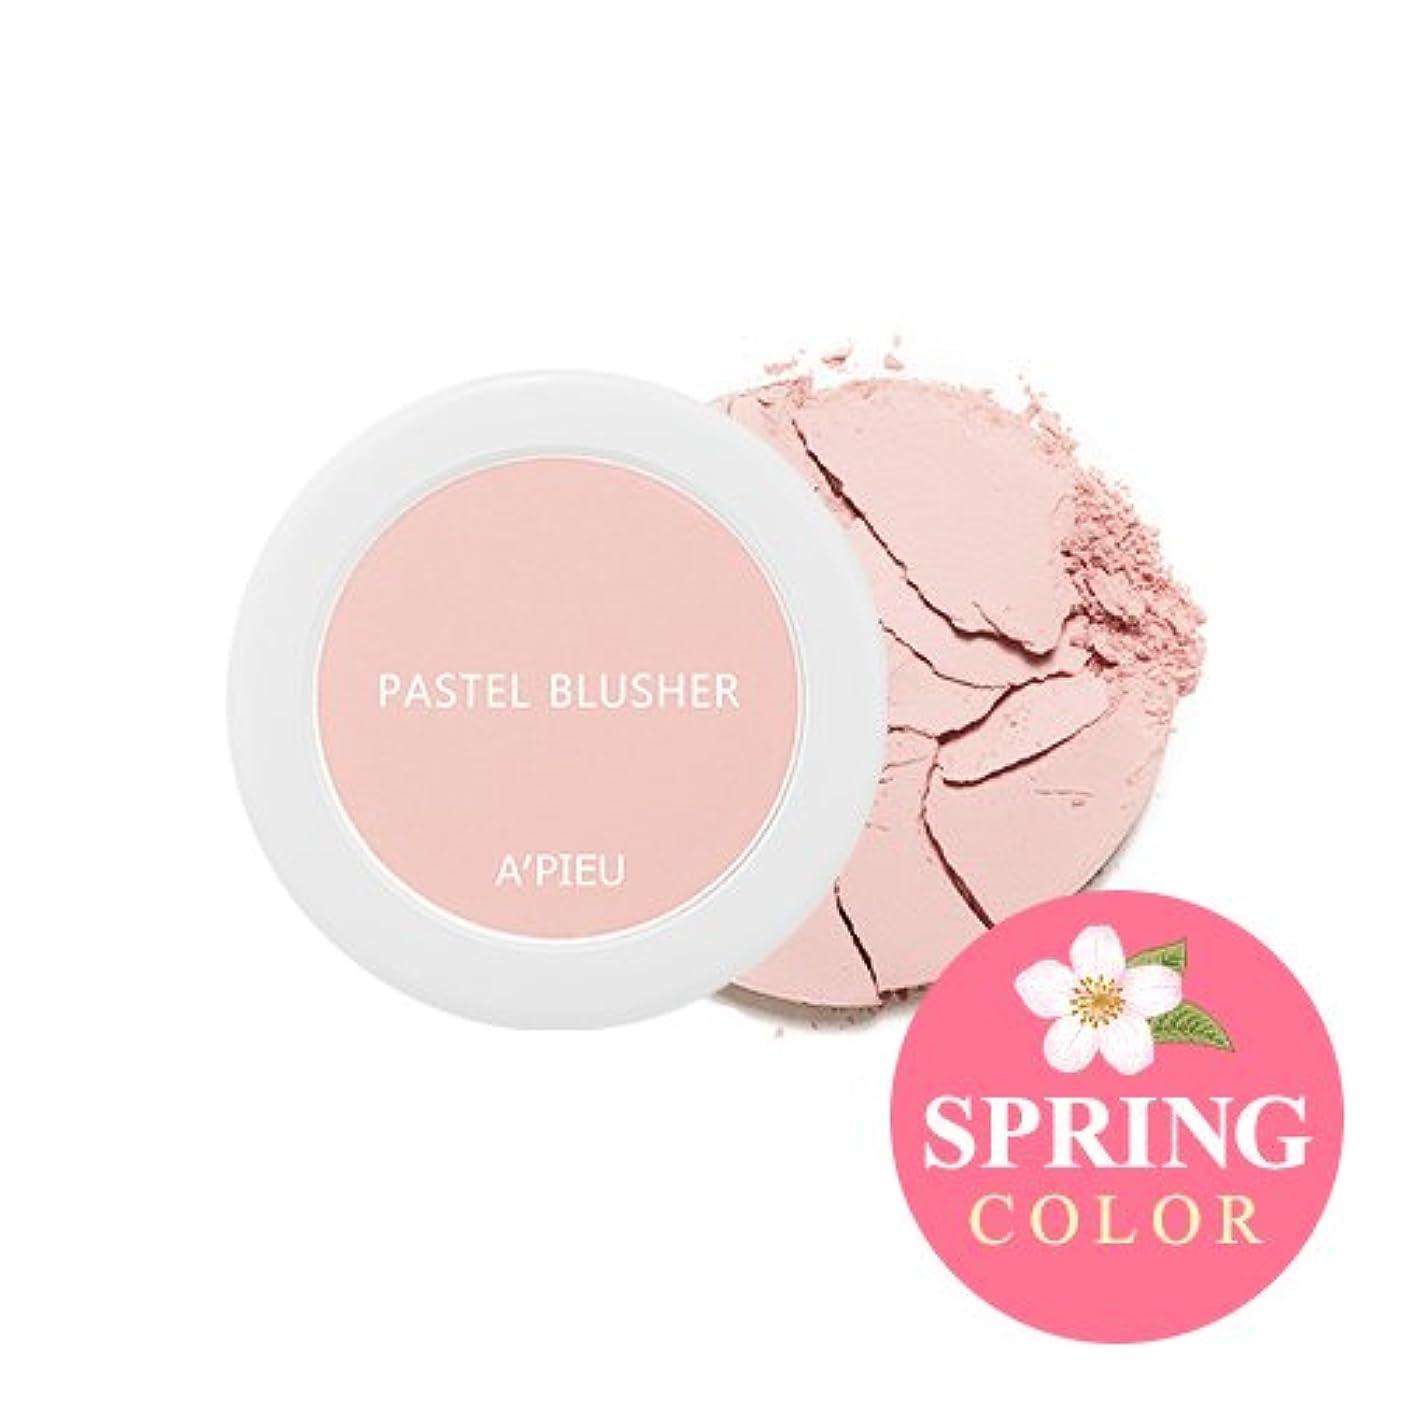 非難なる炭水化物A'PIEU Pastel Blusher #PK07 [アピュ/オピュ]パステル ブラッシャー #PK07 [並行輸入品]